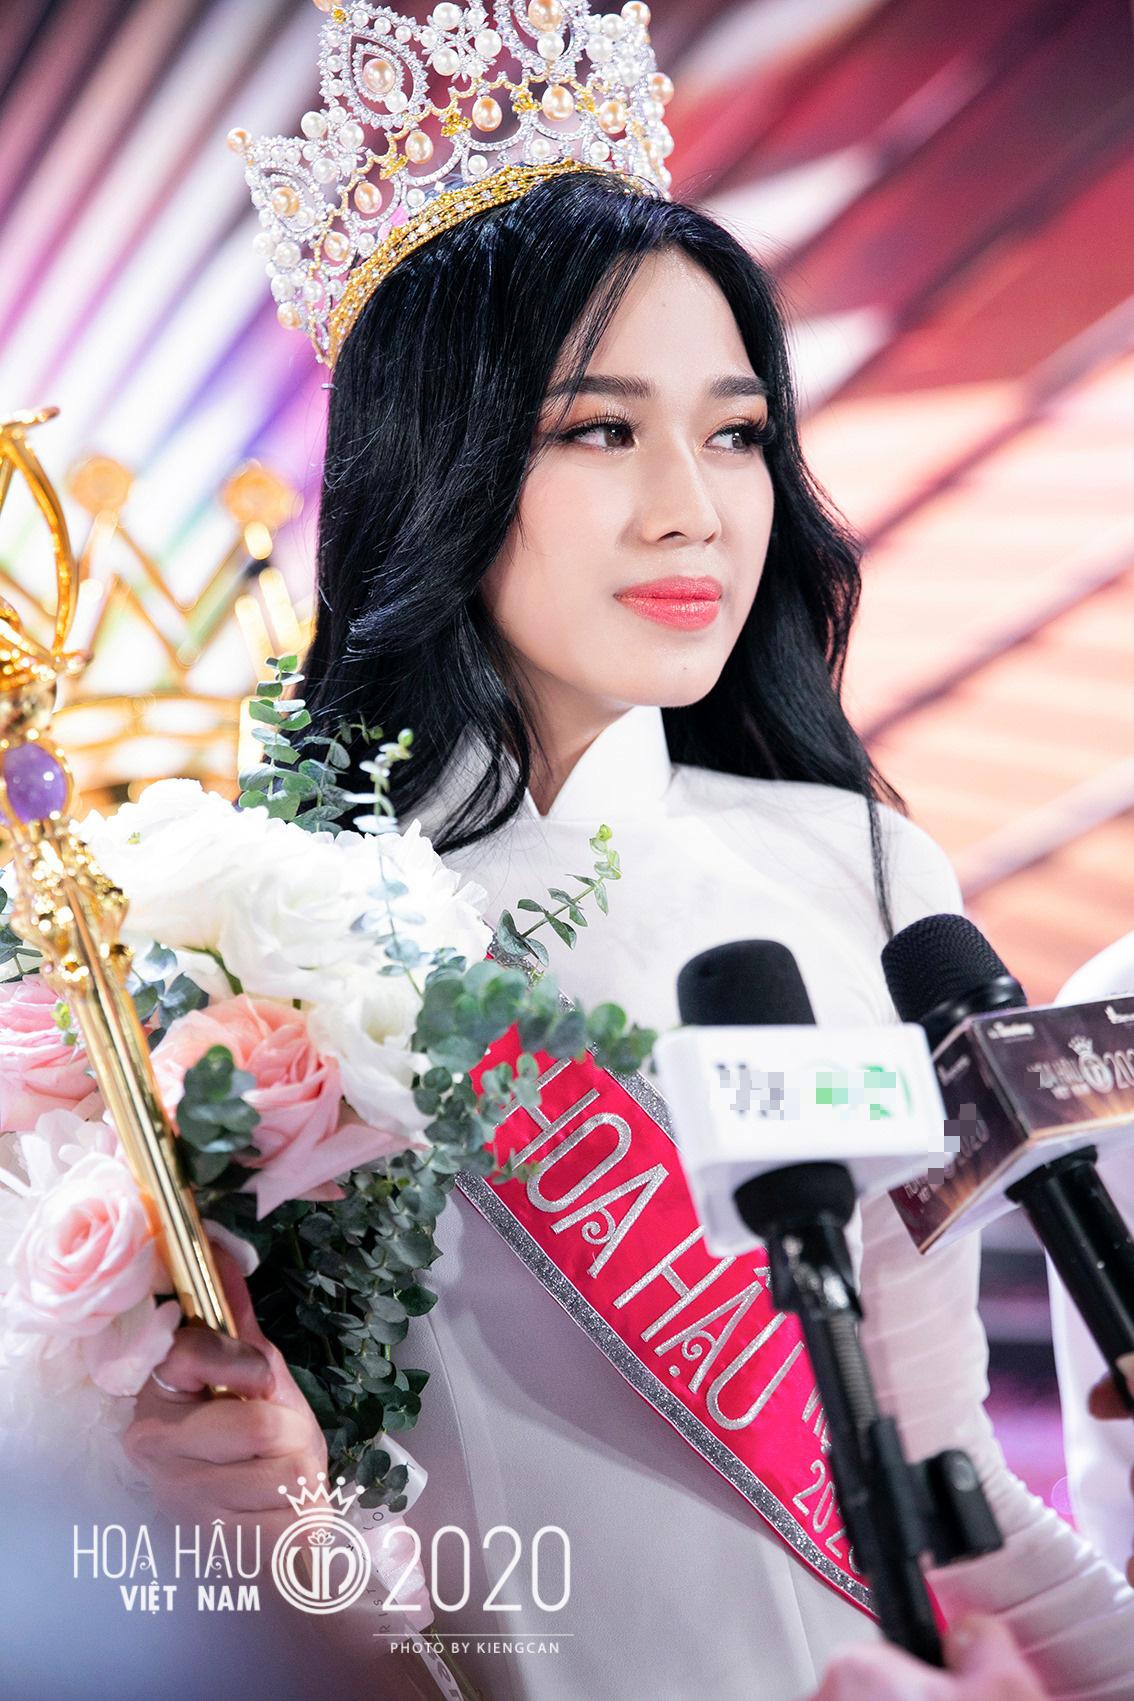 Hé lộ mong muốn của Hoa hậu Đỗ Thị Hà trong năm Tân Sửu 2021? - Ảnh 2.